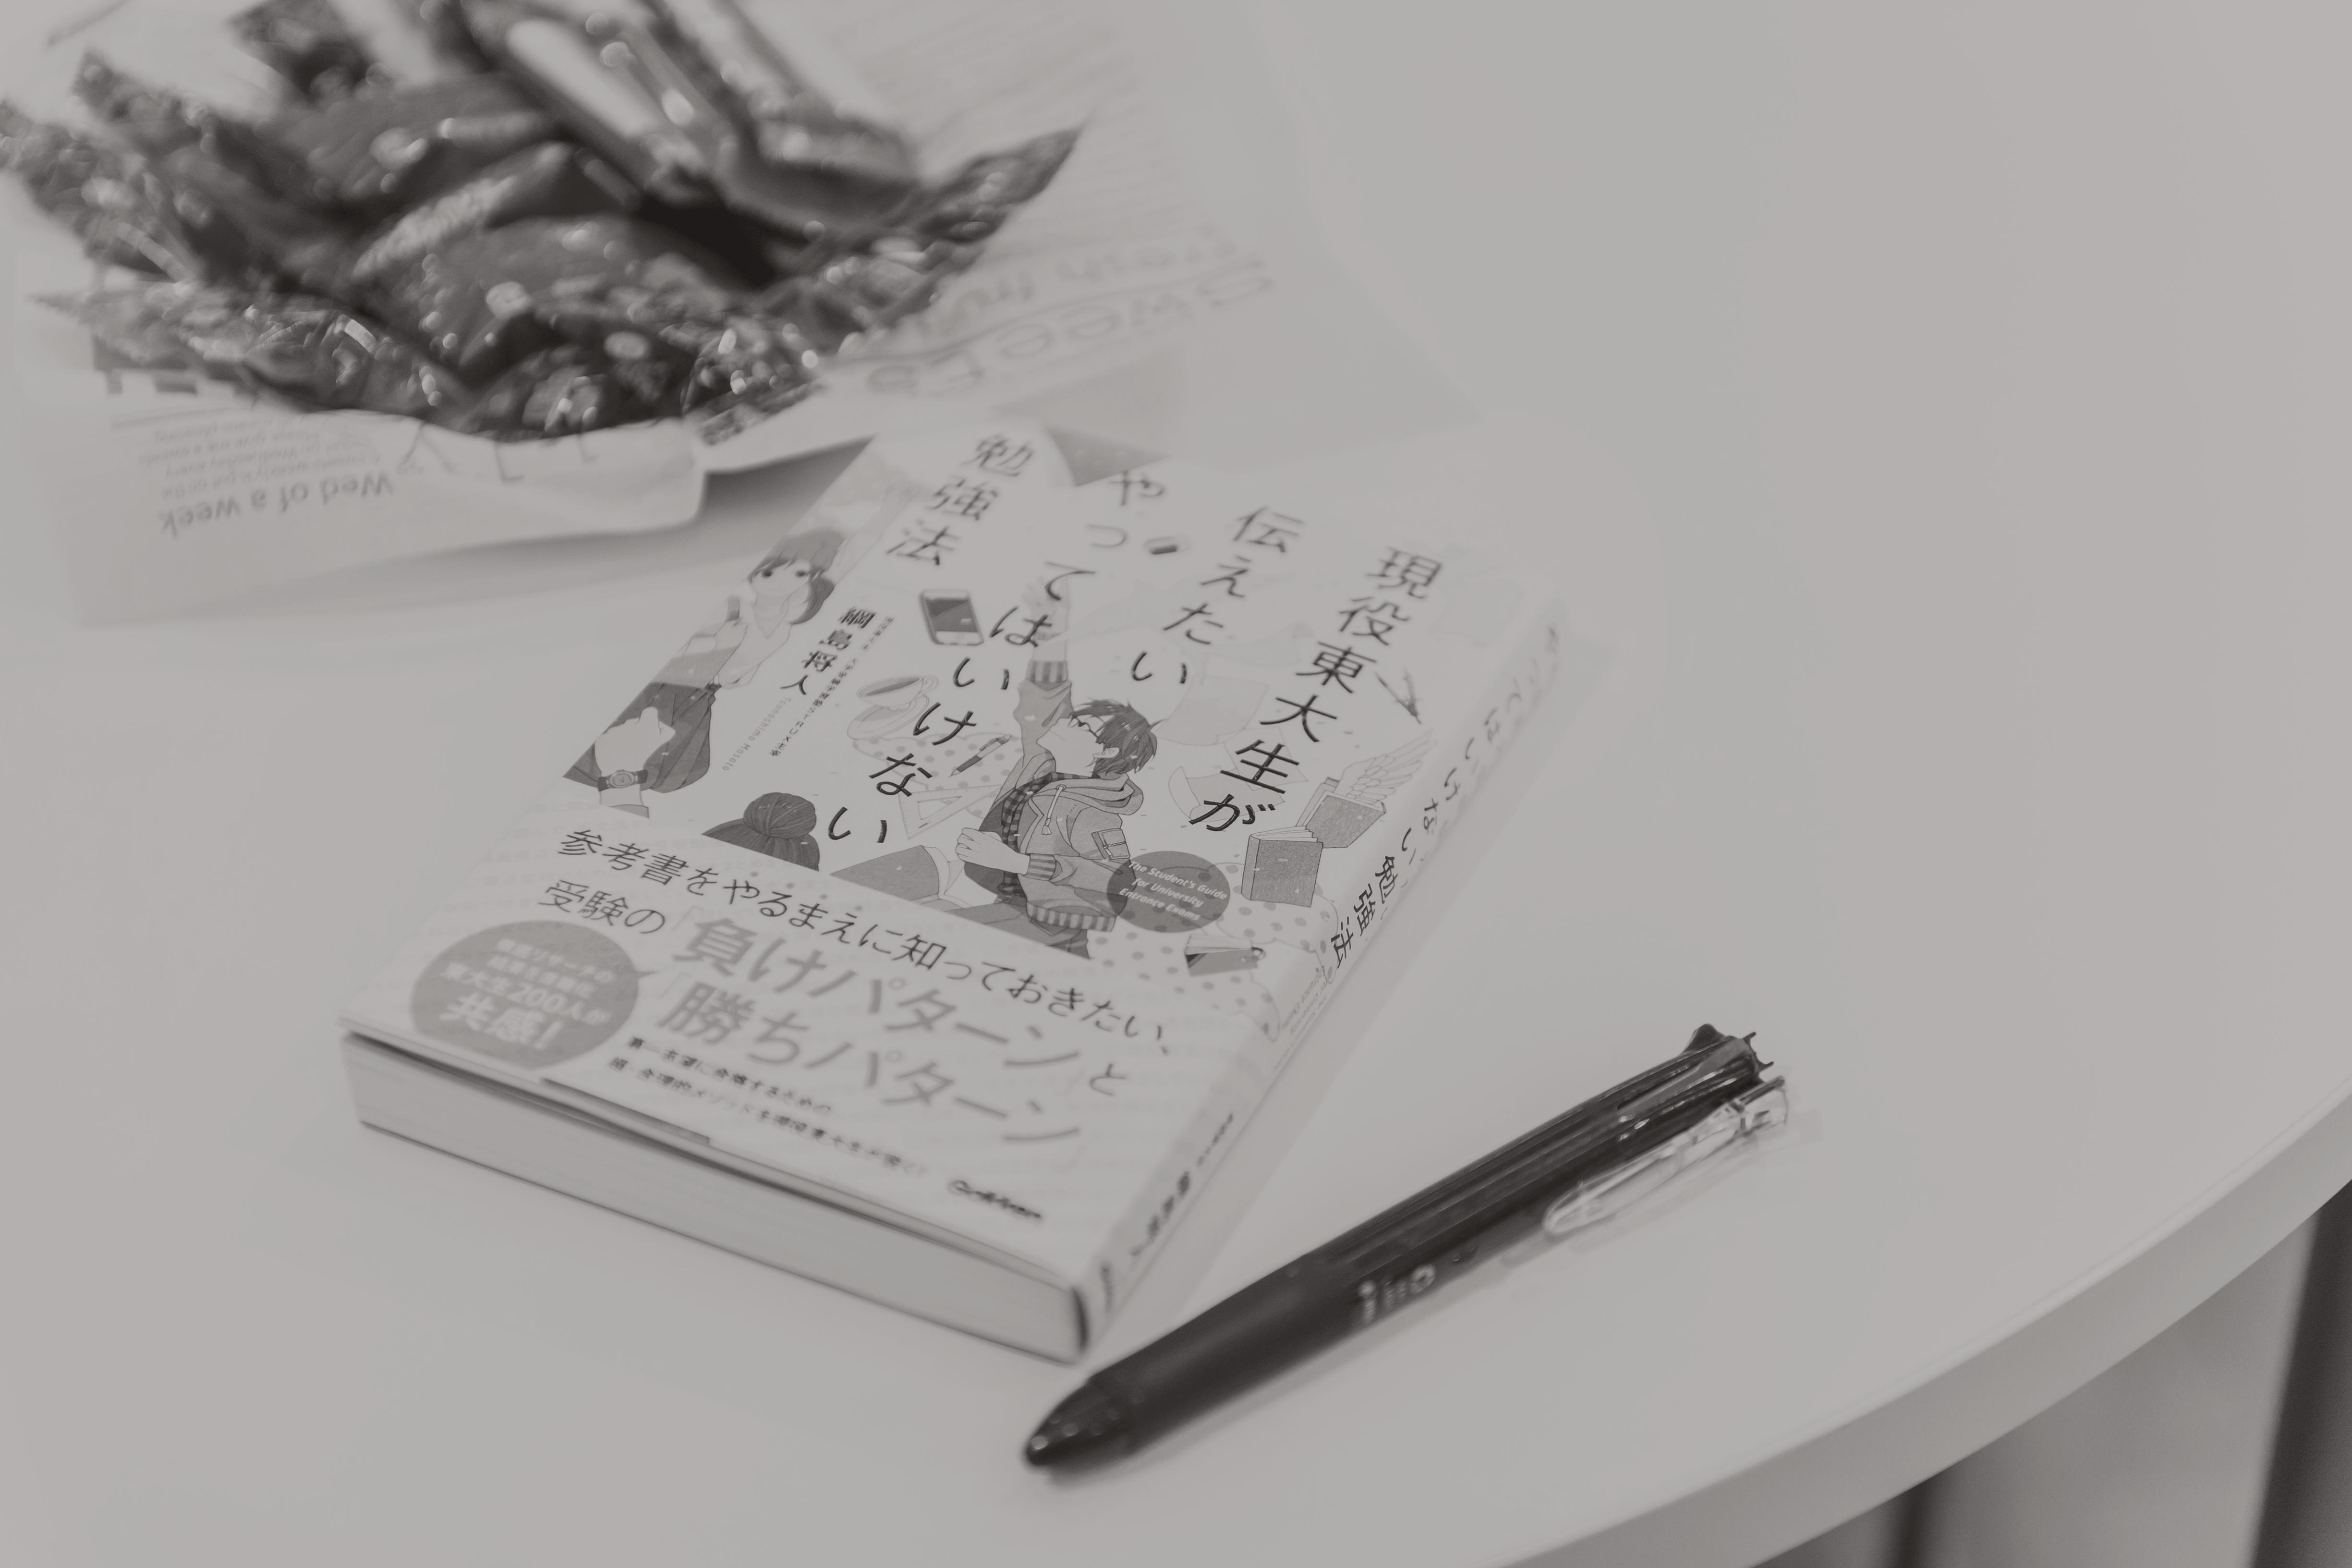 「勉強計画」で習慣を身につける!高田馬場の大学受験学習コーチング塾「学習塾STRUX」|『勉強したのに不合格』をなくす!!学習トレーニングで最短距離の合格を!